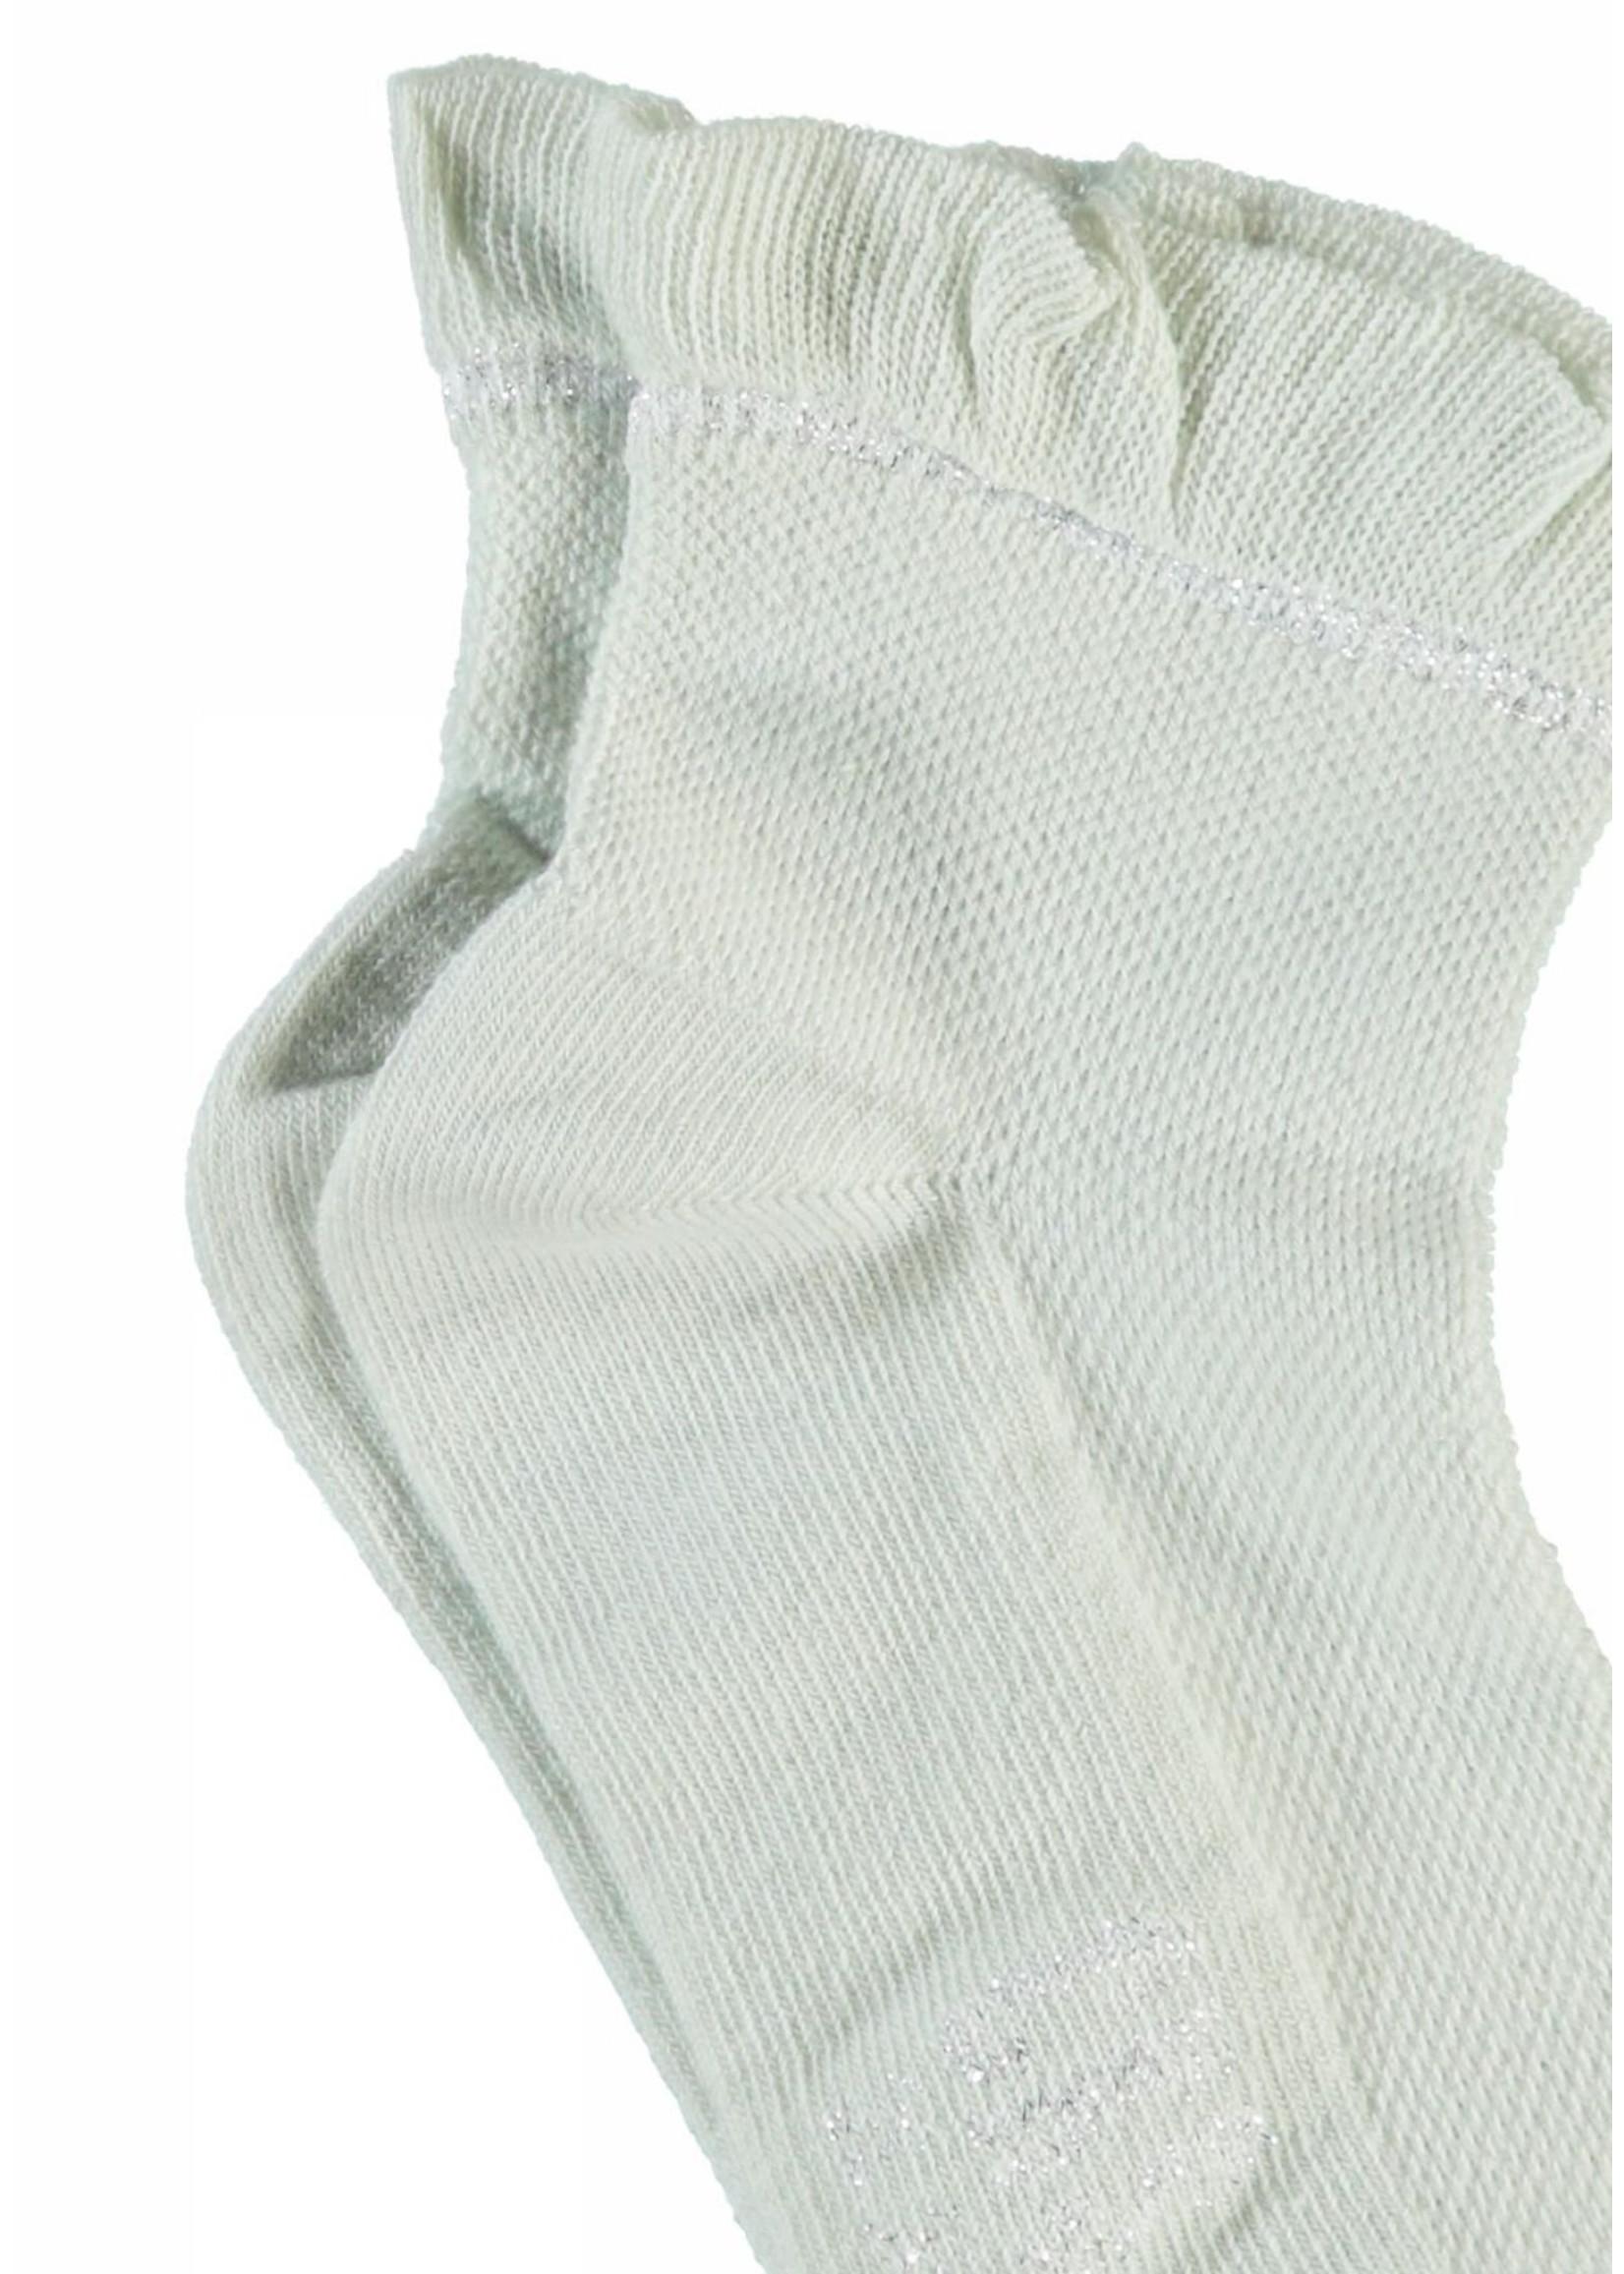 CKS sokken maat 39/42